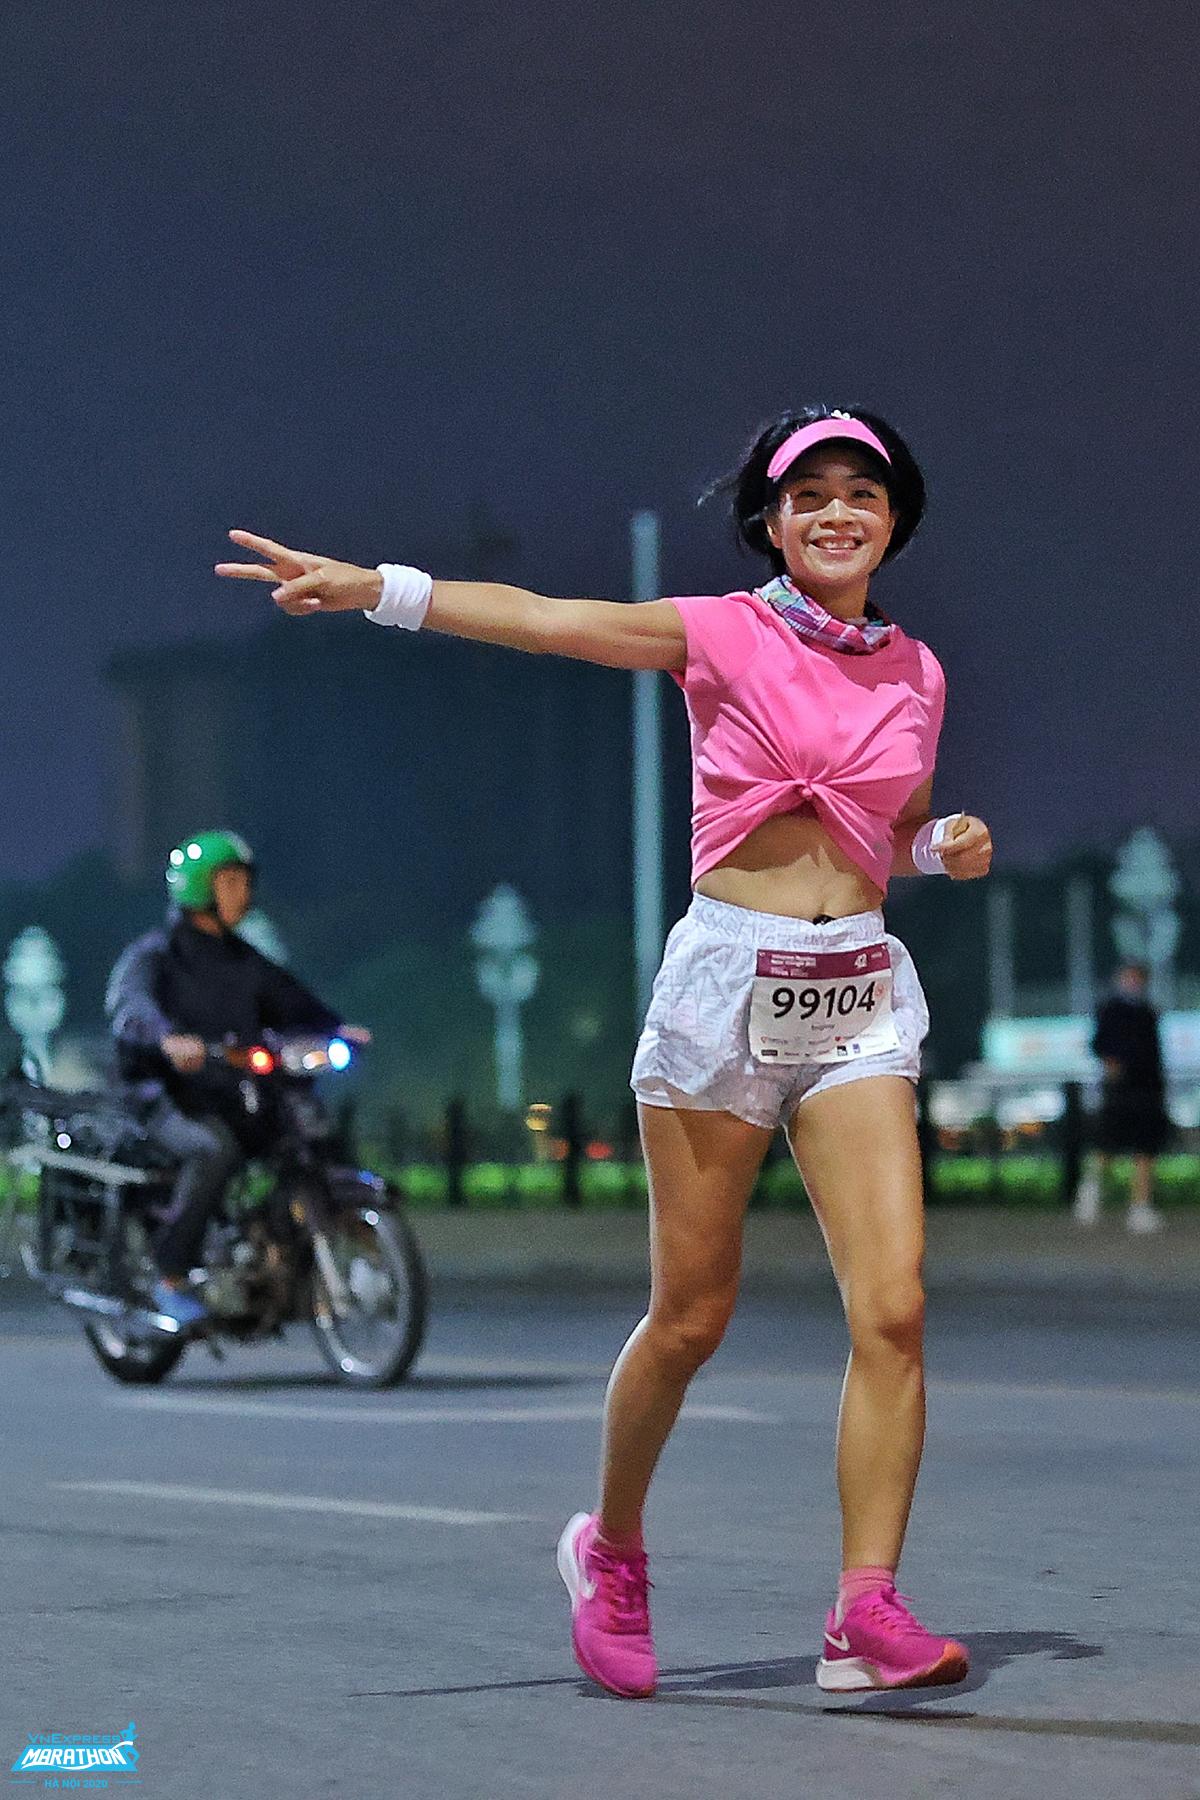 Chạy đêm phù hợp cho cả nữ giới. Ảnh: VnExpress Marathon.